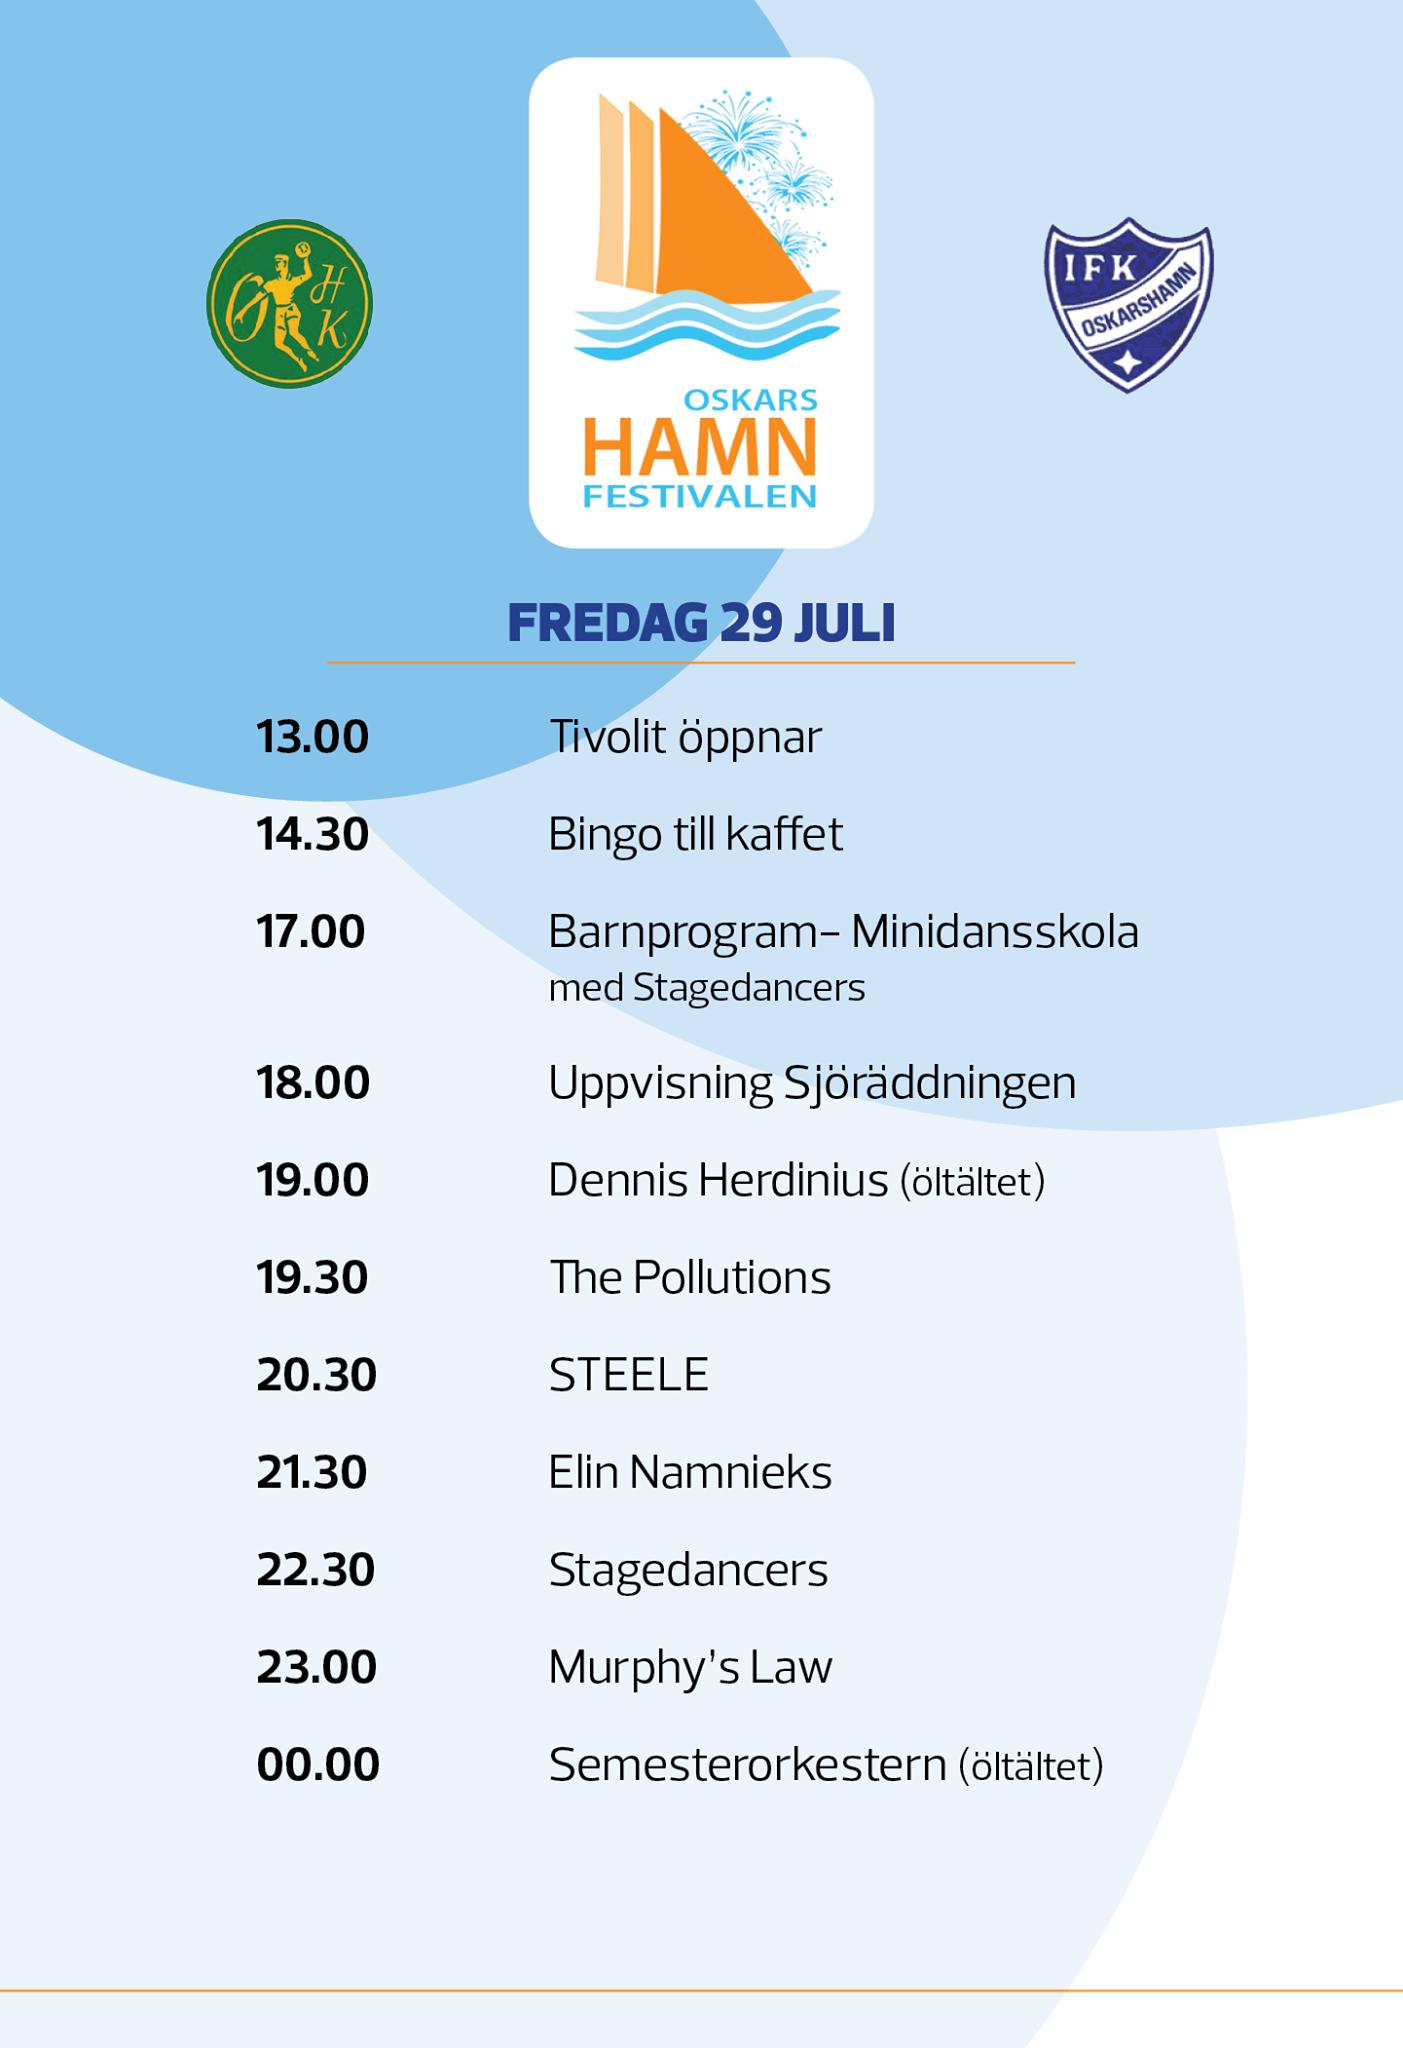 hamnfestivalen_fredag